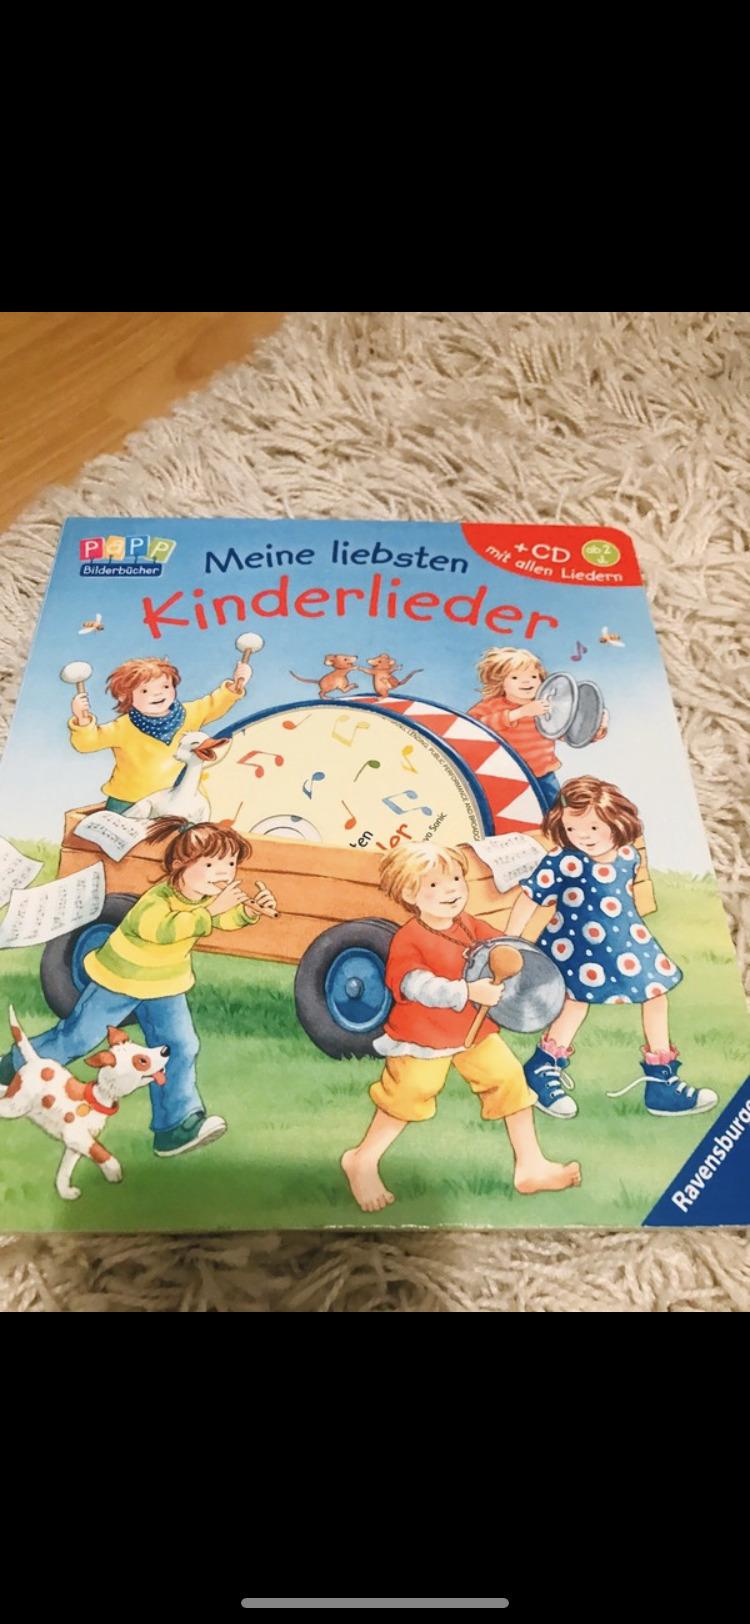 Meine liebsten Kinderlieder Buch tauschen